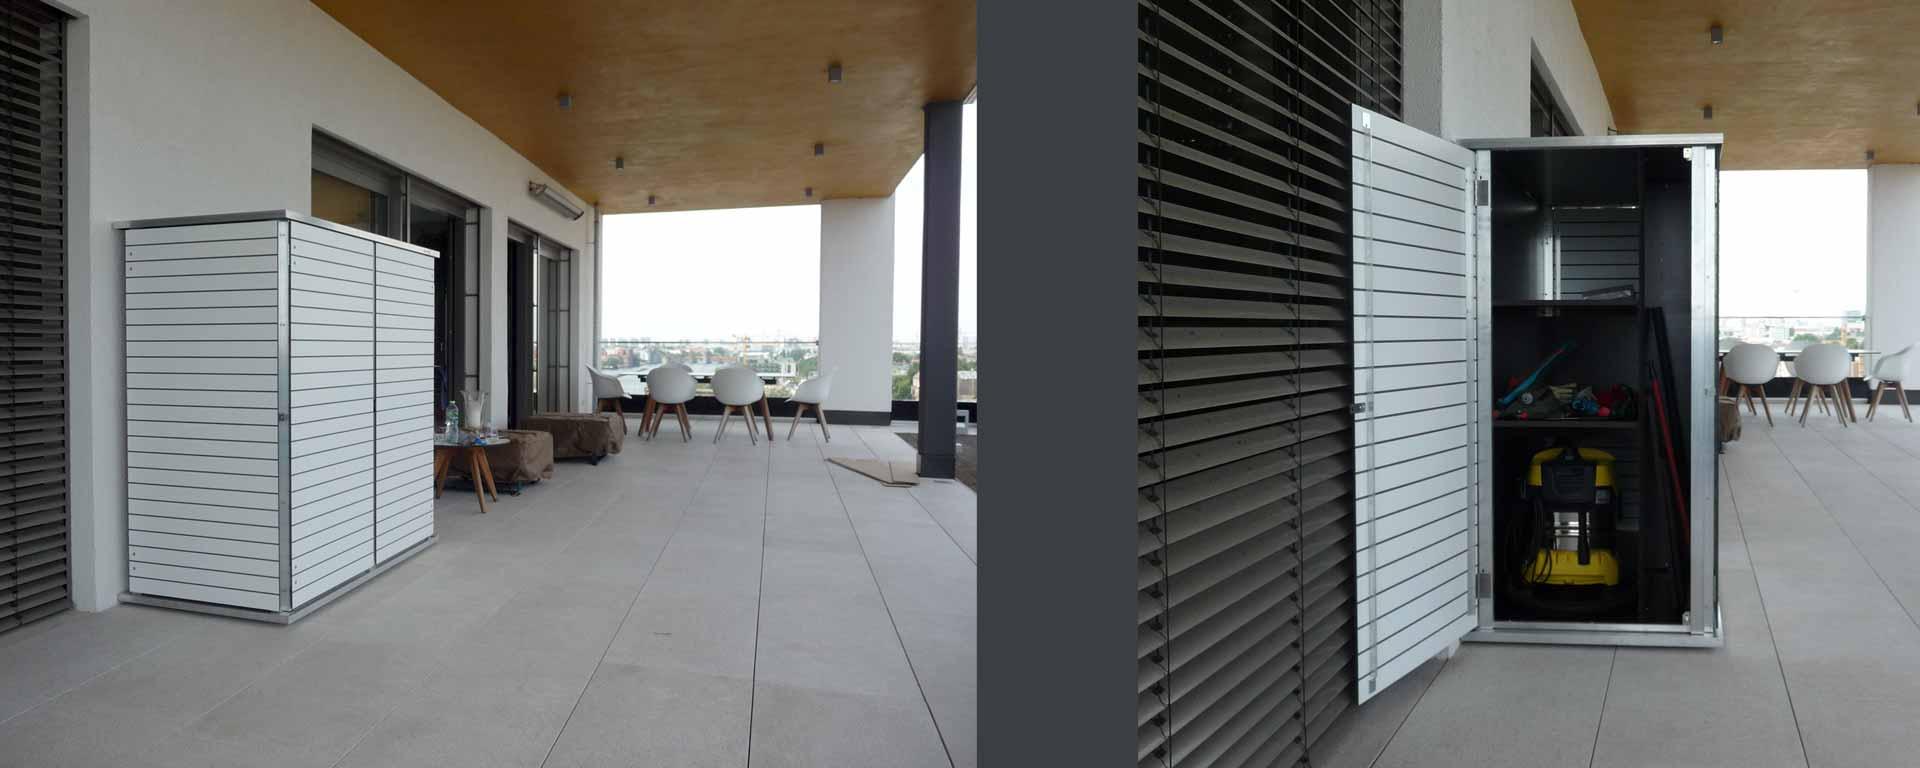 Gartenhaus, Gartenschrank für Dachterrassen u. Vorgarten - Garten-Q GmbH